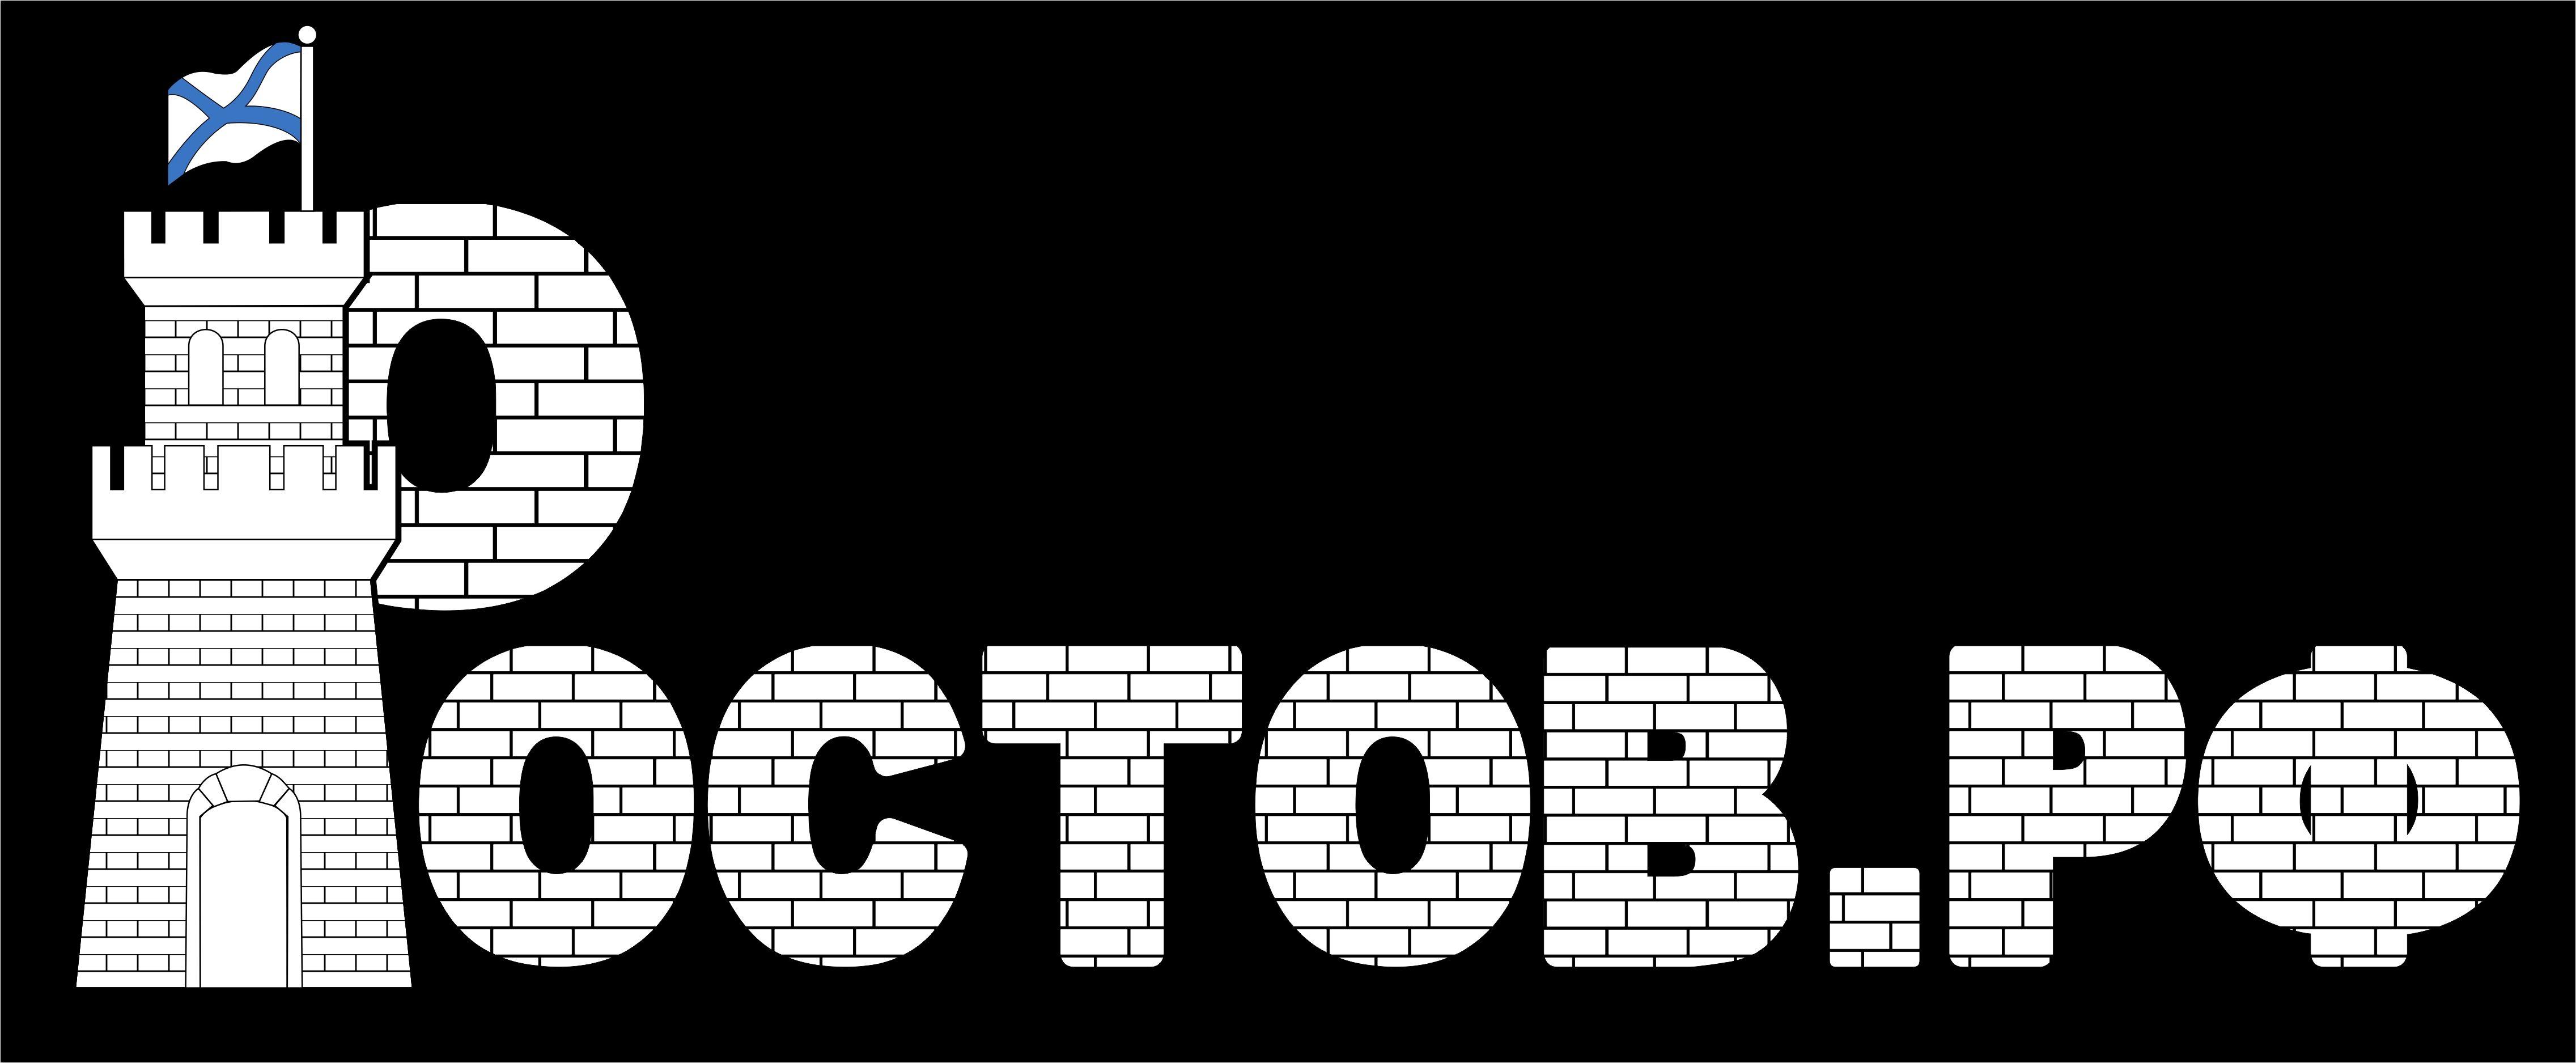 Логотип для портала Ростов.рф - дизайнер hsochi